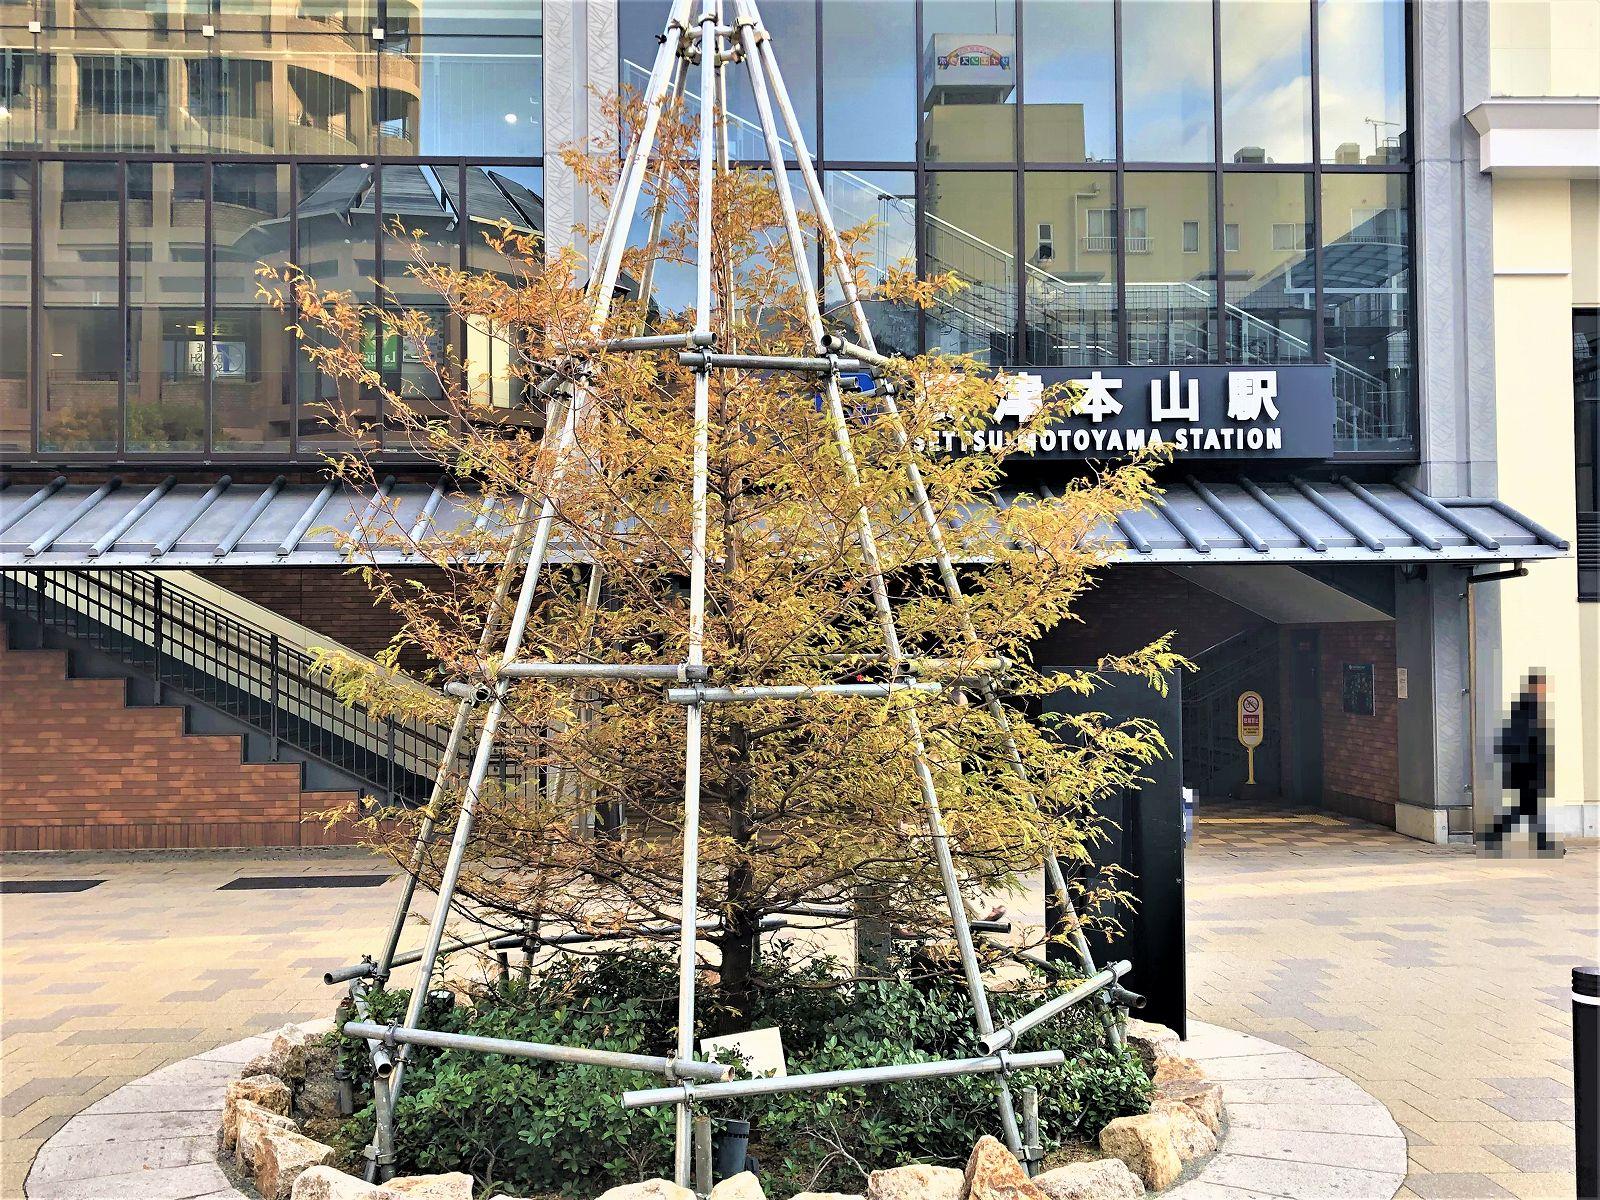 「岡本ウィンターフェスティバル2018」シンボルツリー点灯式が12/2、こどもクリスマスキャロルが12/16に開催されるよ! #岡本商店街 #JR摂津本山駅 #岡本ウィンターフェスティバル #クリスマスイベント